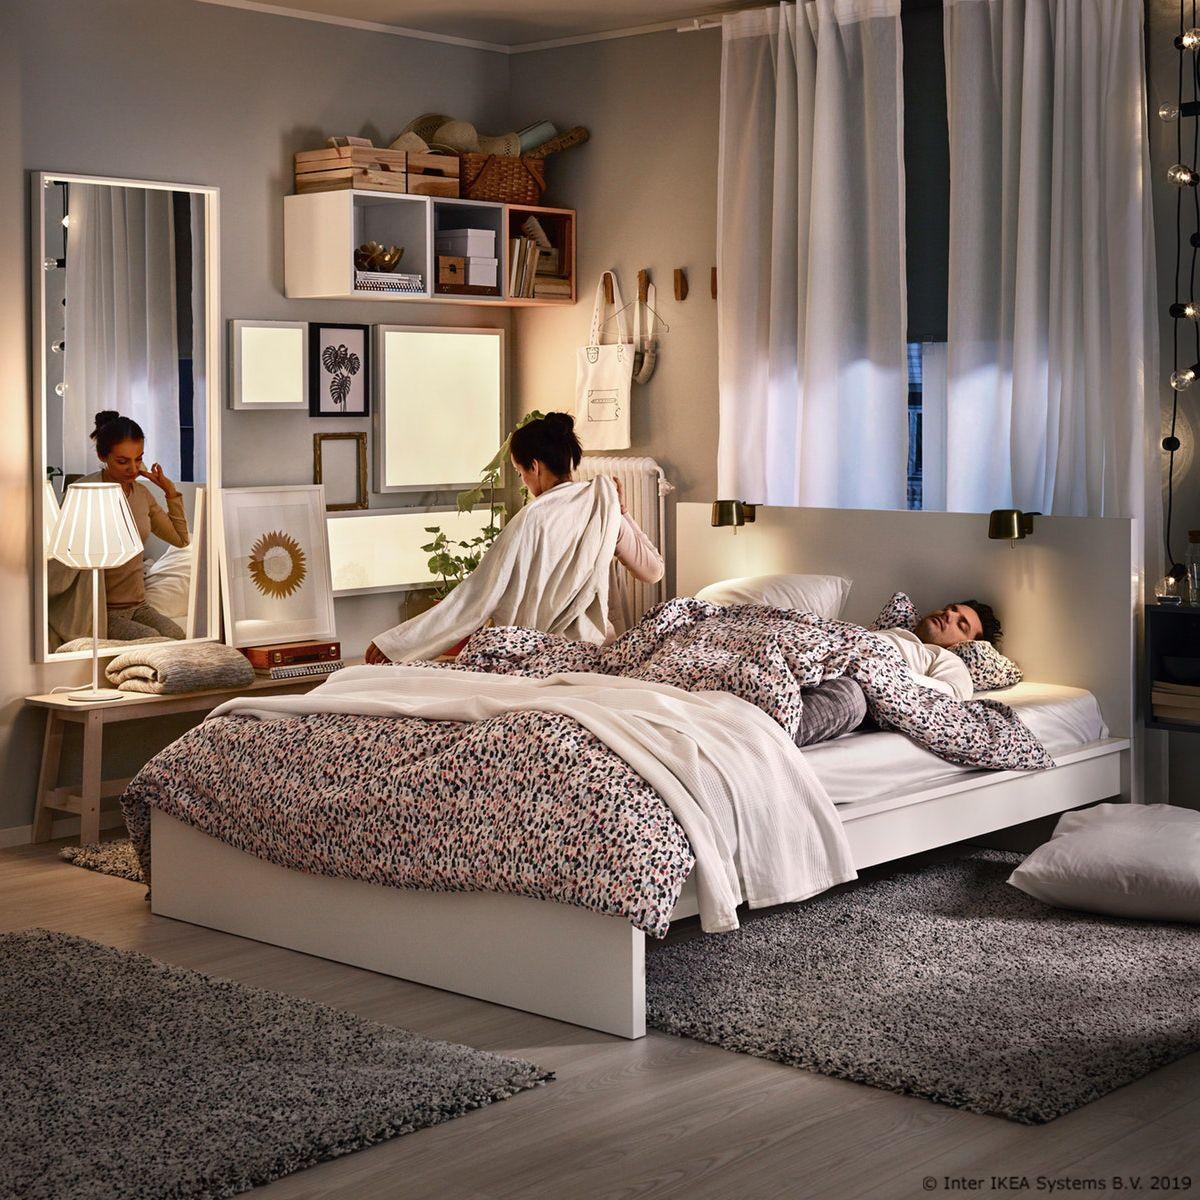 Scandinavian Interiors Ikea Interior Scandinavian Design Bedroom Bedroom Interior